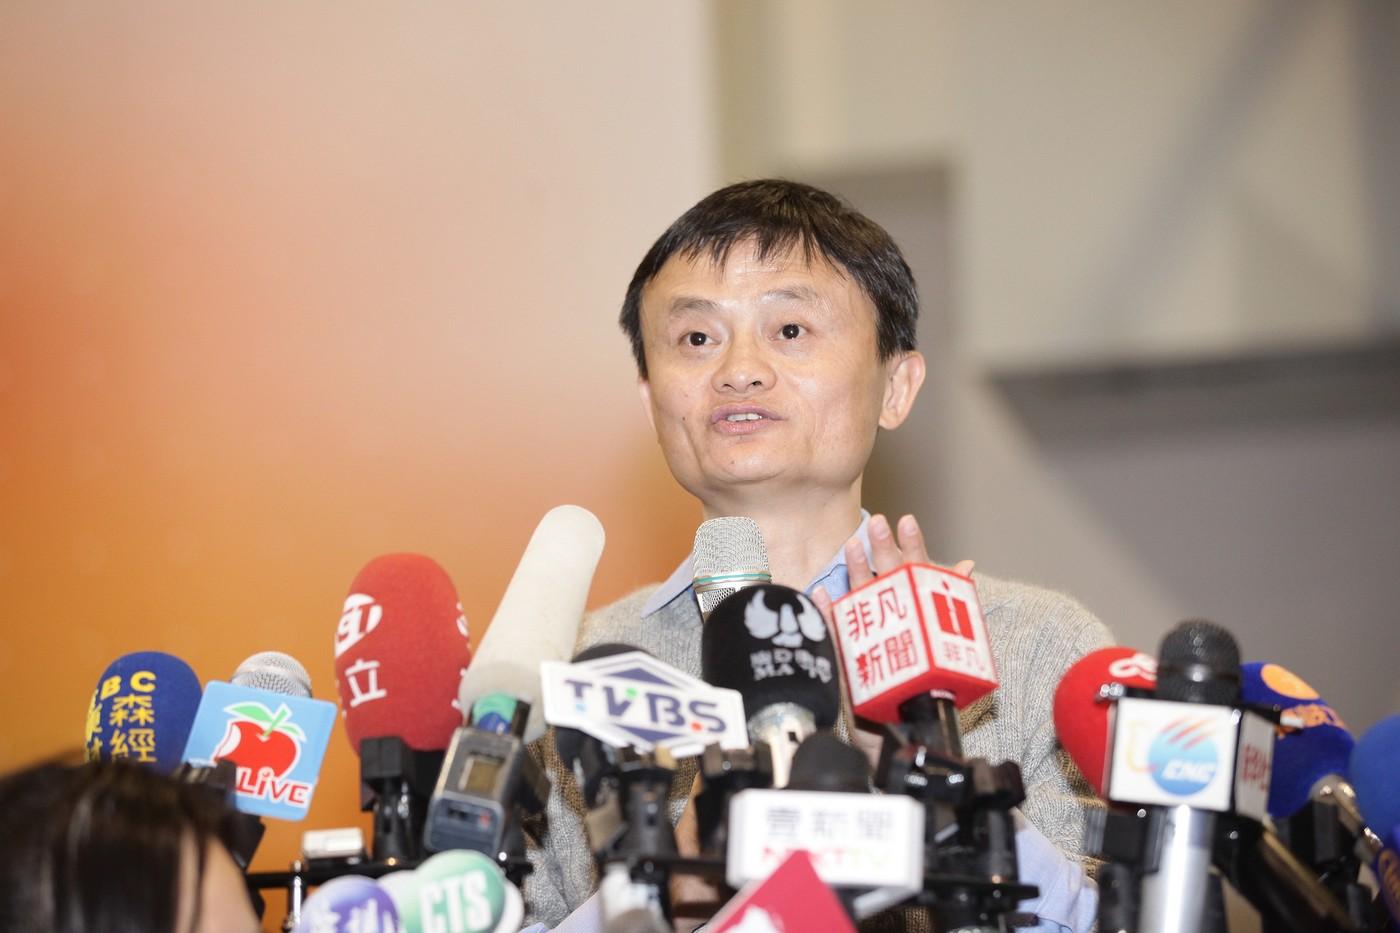 彭博社分析:川普勝選之後,阿里巴巴可能是中國網路公司中最大的輸家